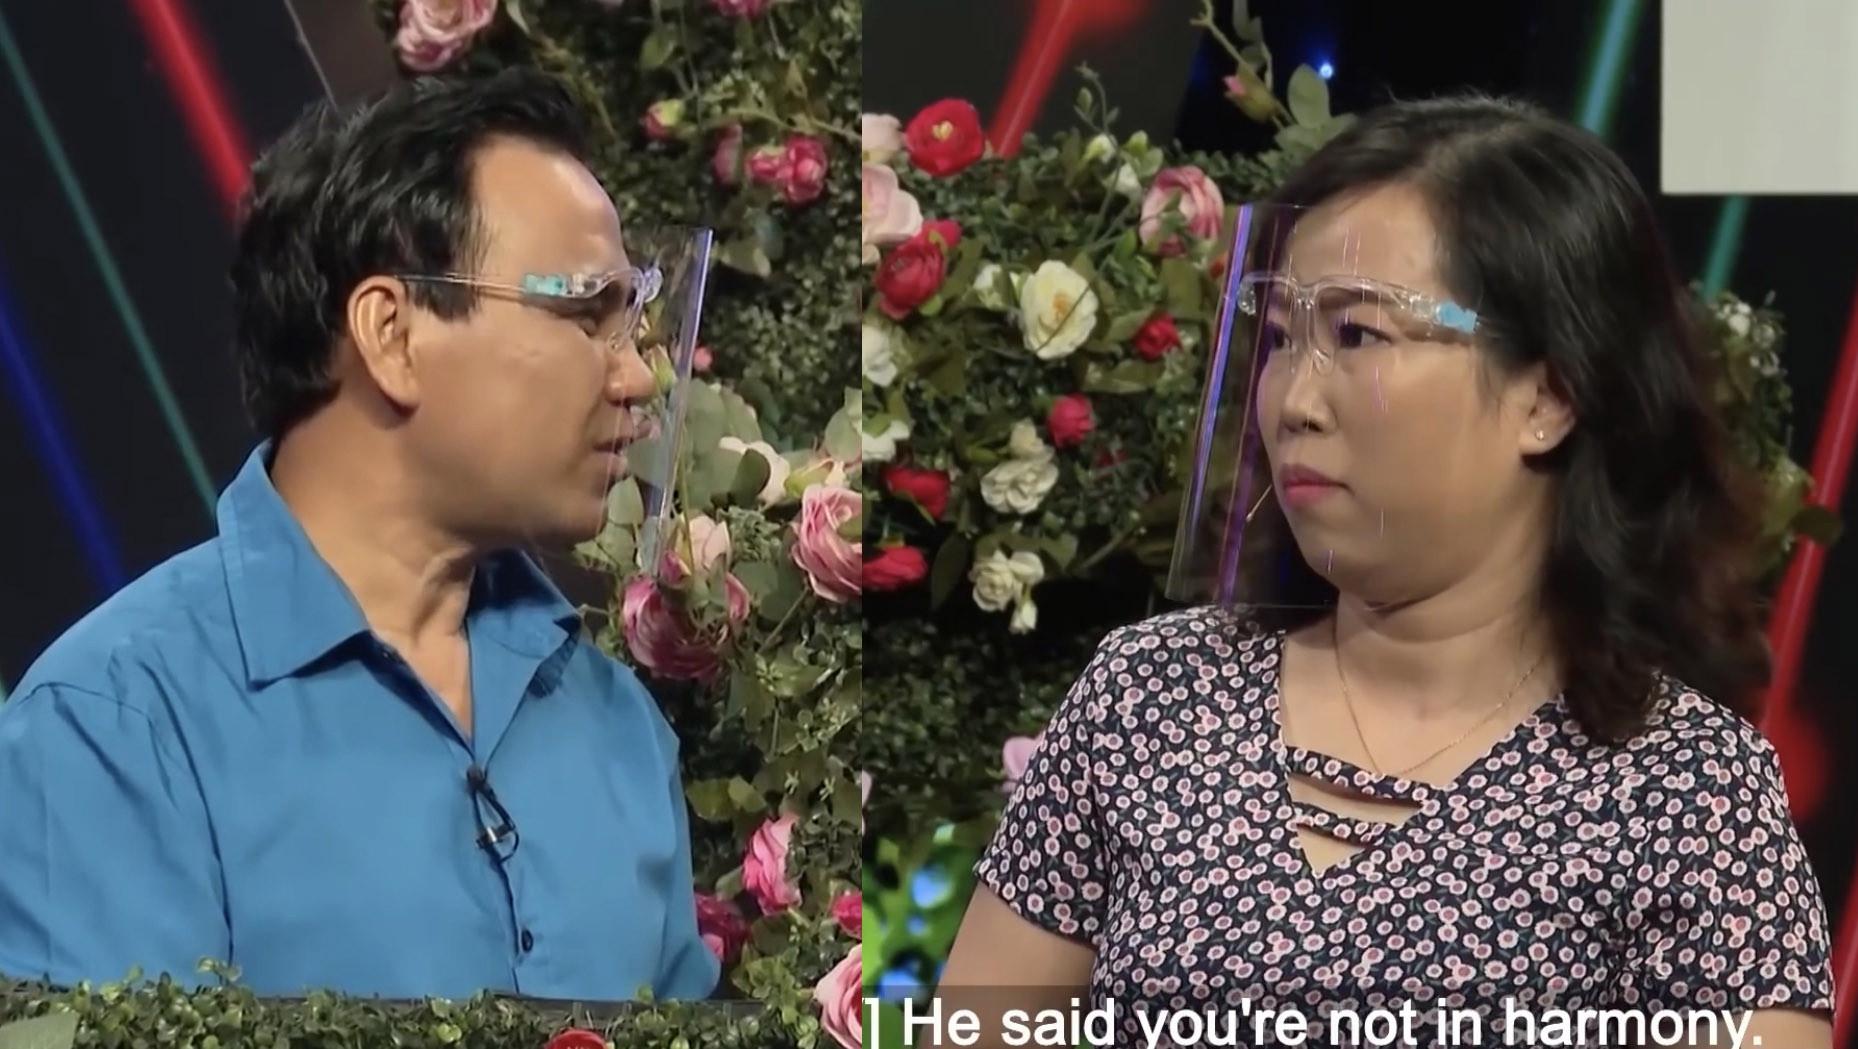 40 tuổi không biết nấu ăn, người phụ nữ Sài Gòn bị từ chối hẹn hò - Ảnh 3.